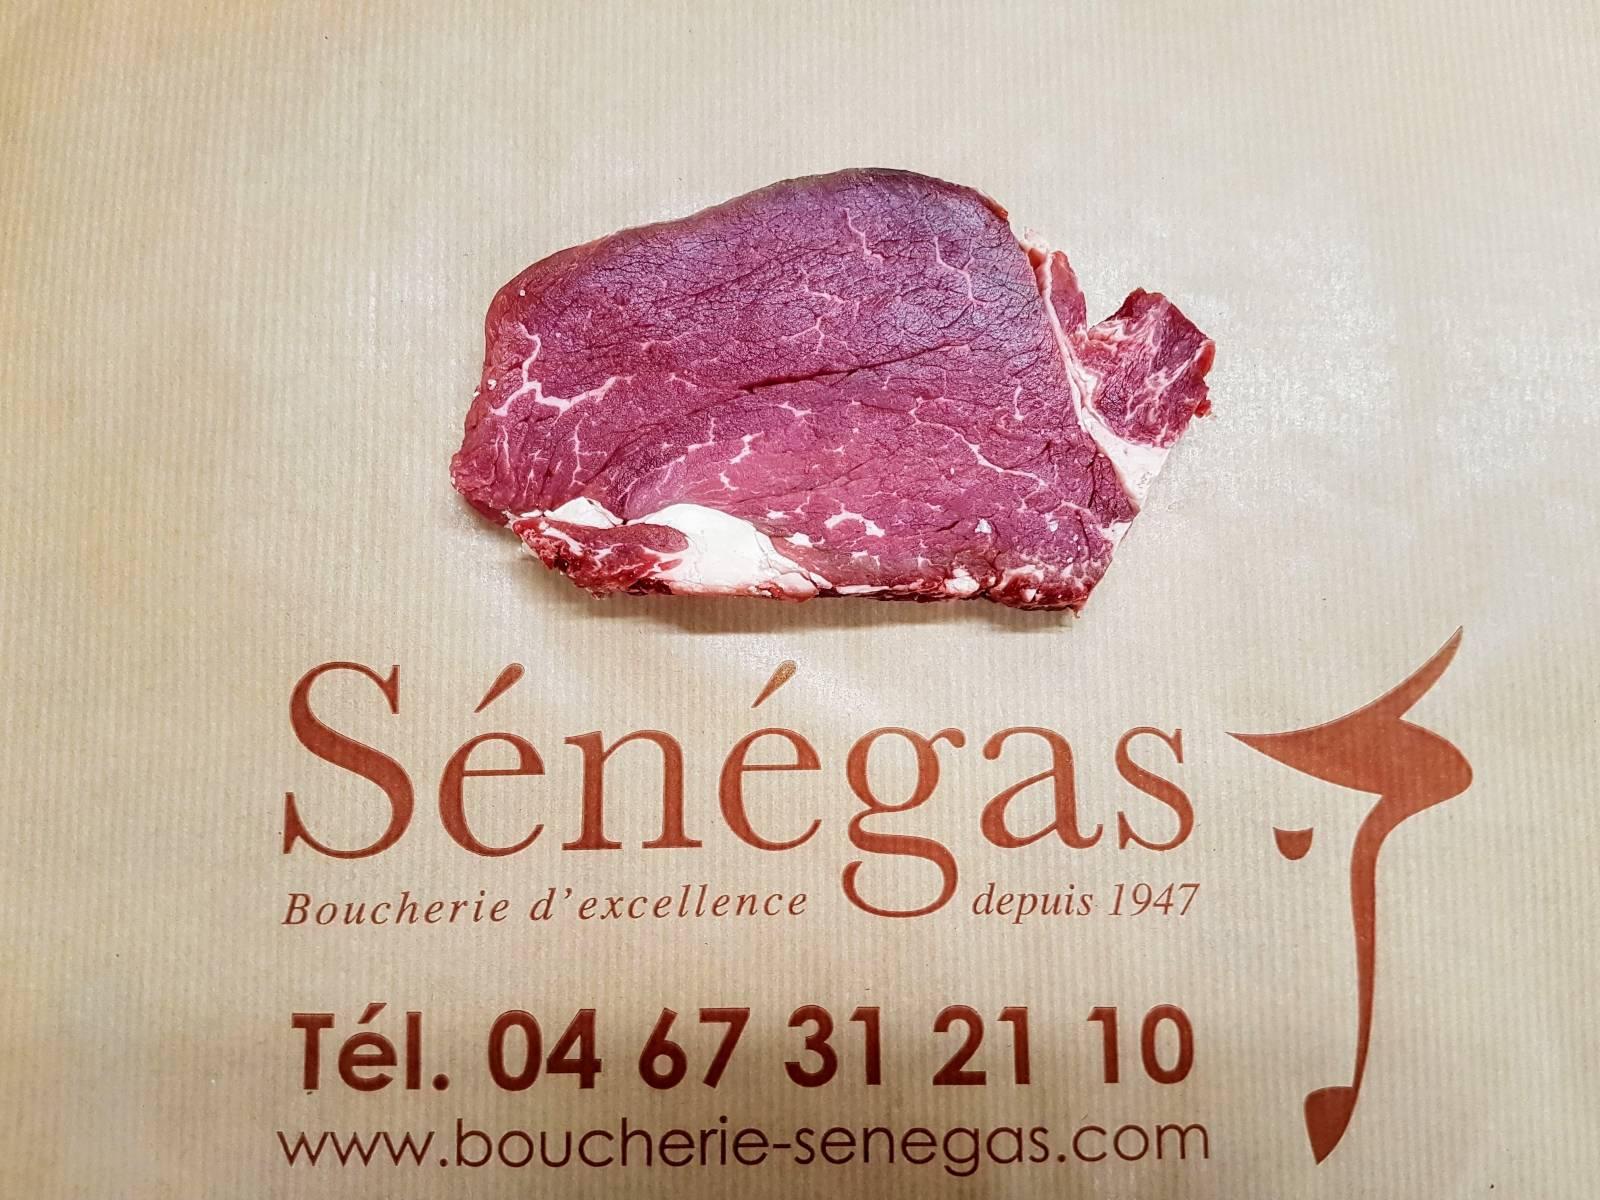 boucherie-senegas-filet-boeuf